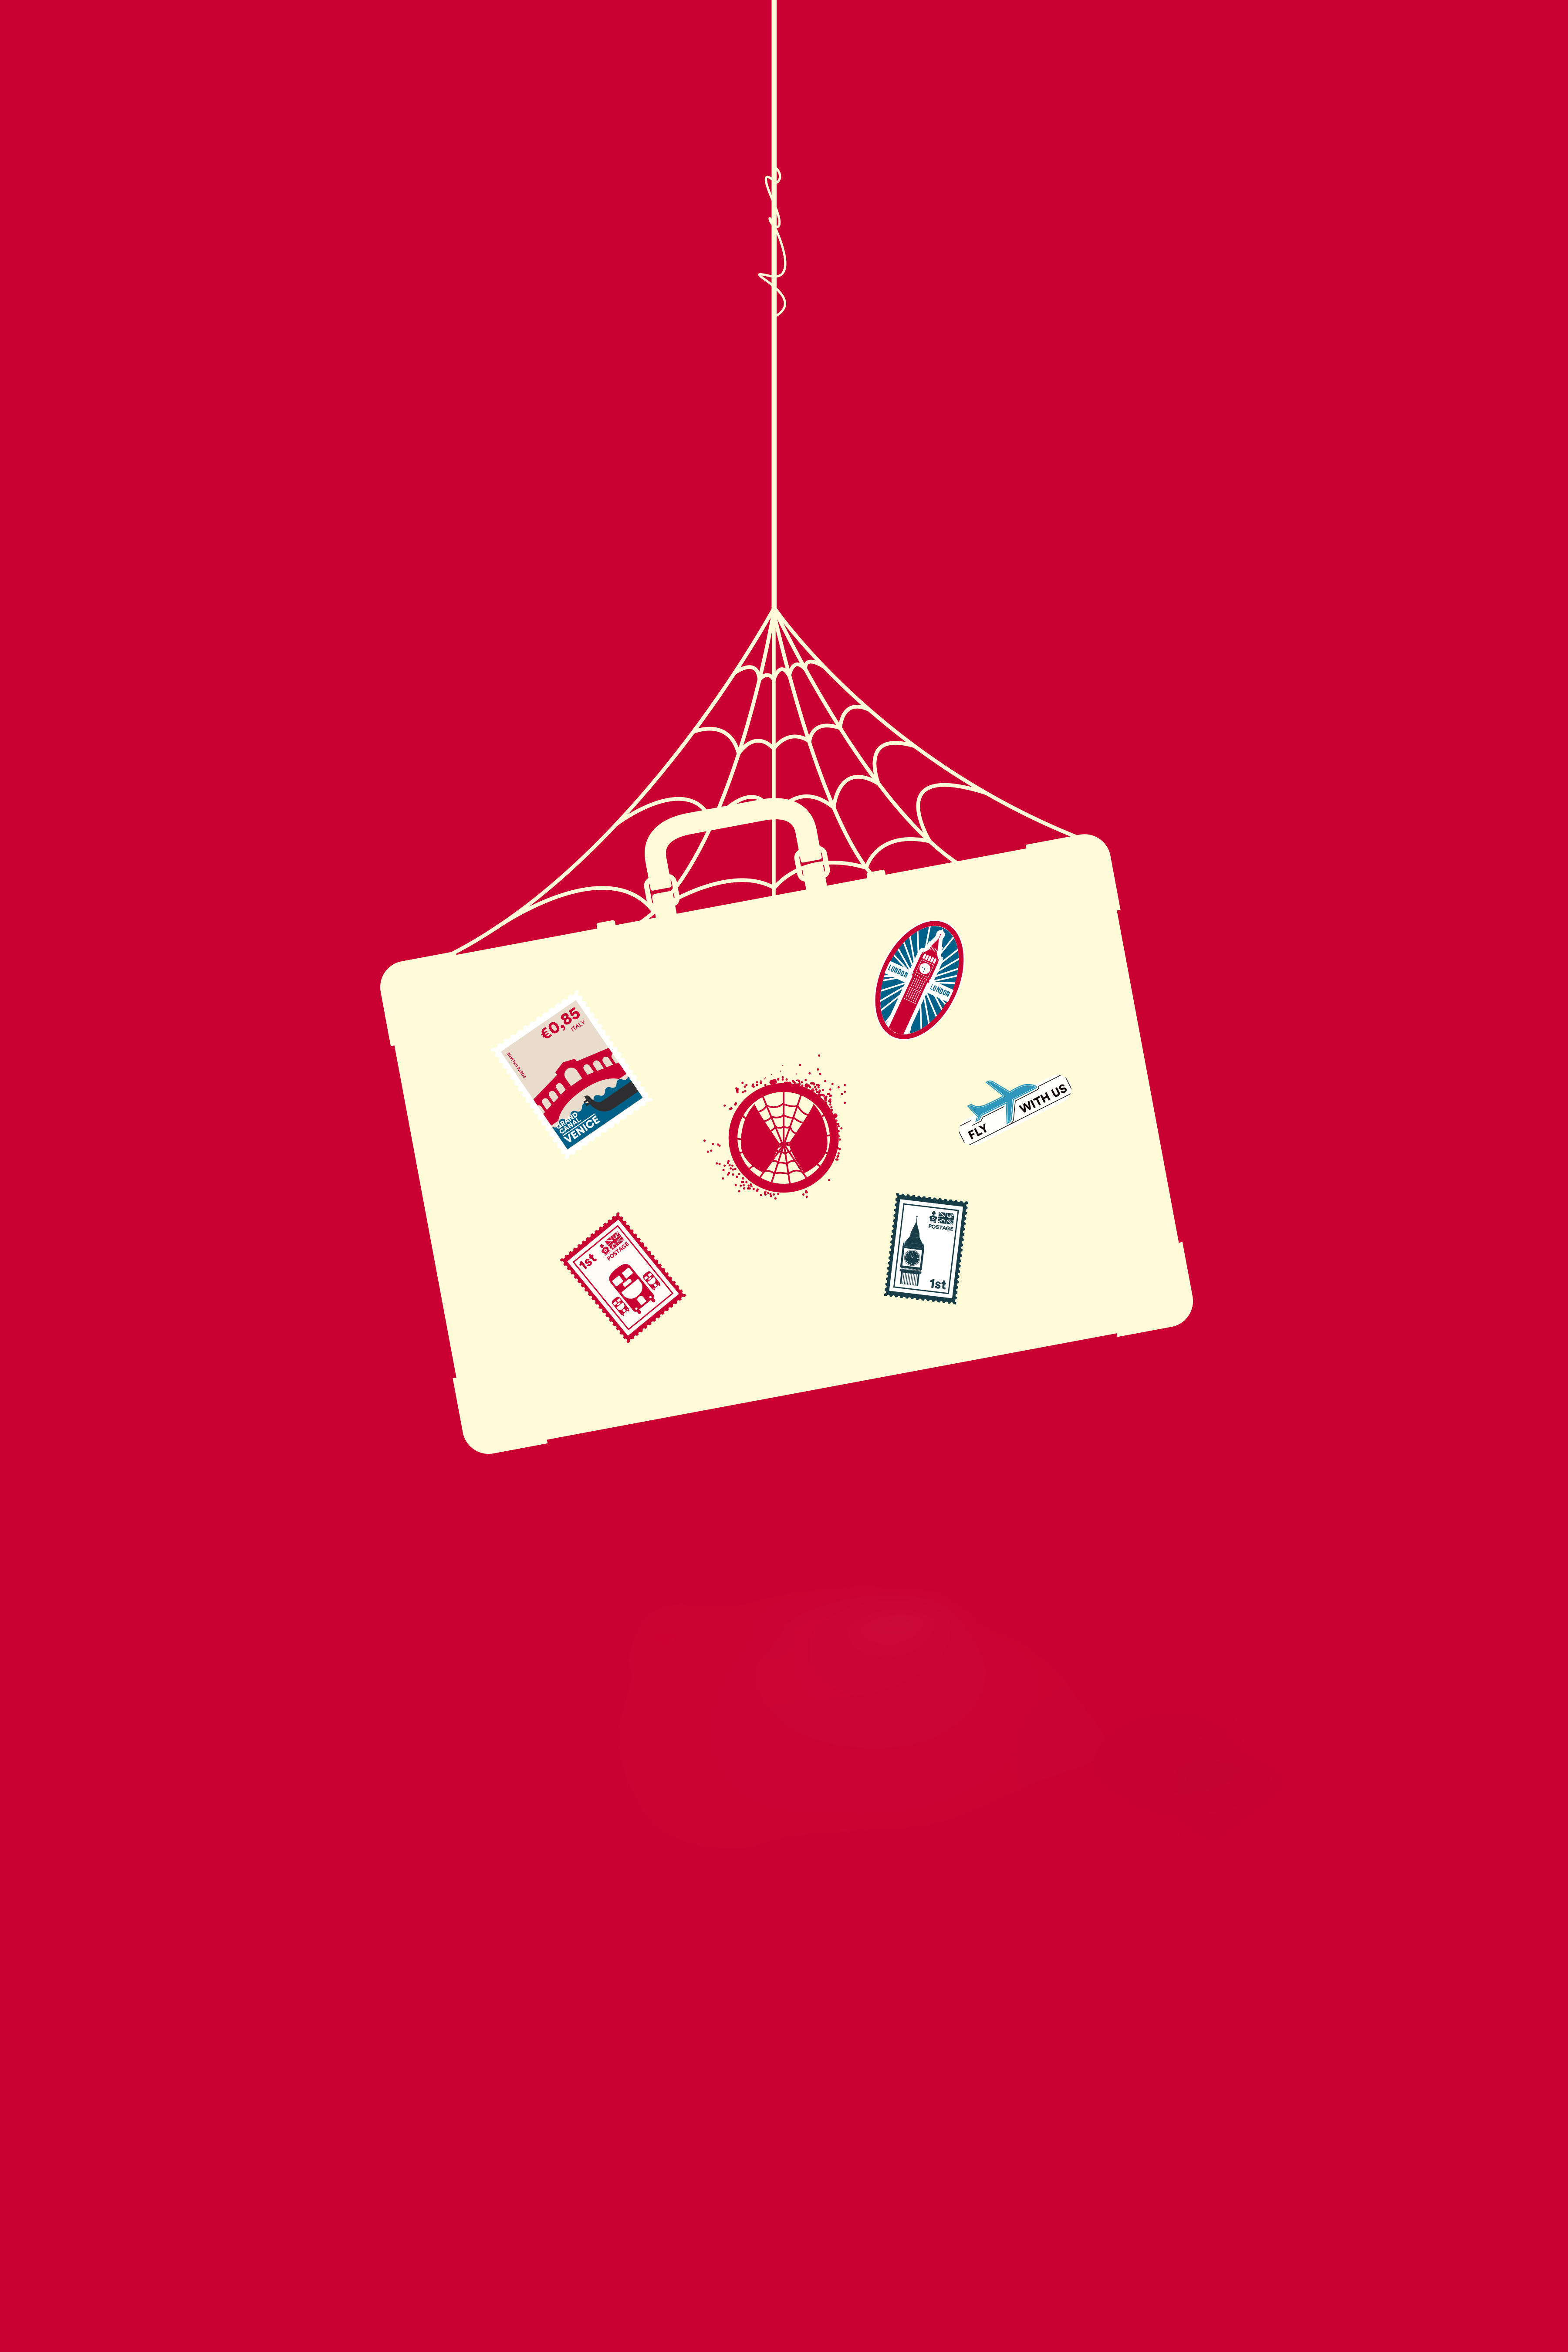 Minimalist Spider Man Far From Home Wallpaper Hd Minimalist 4k